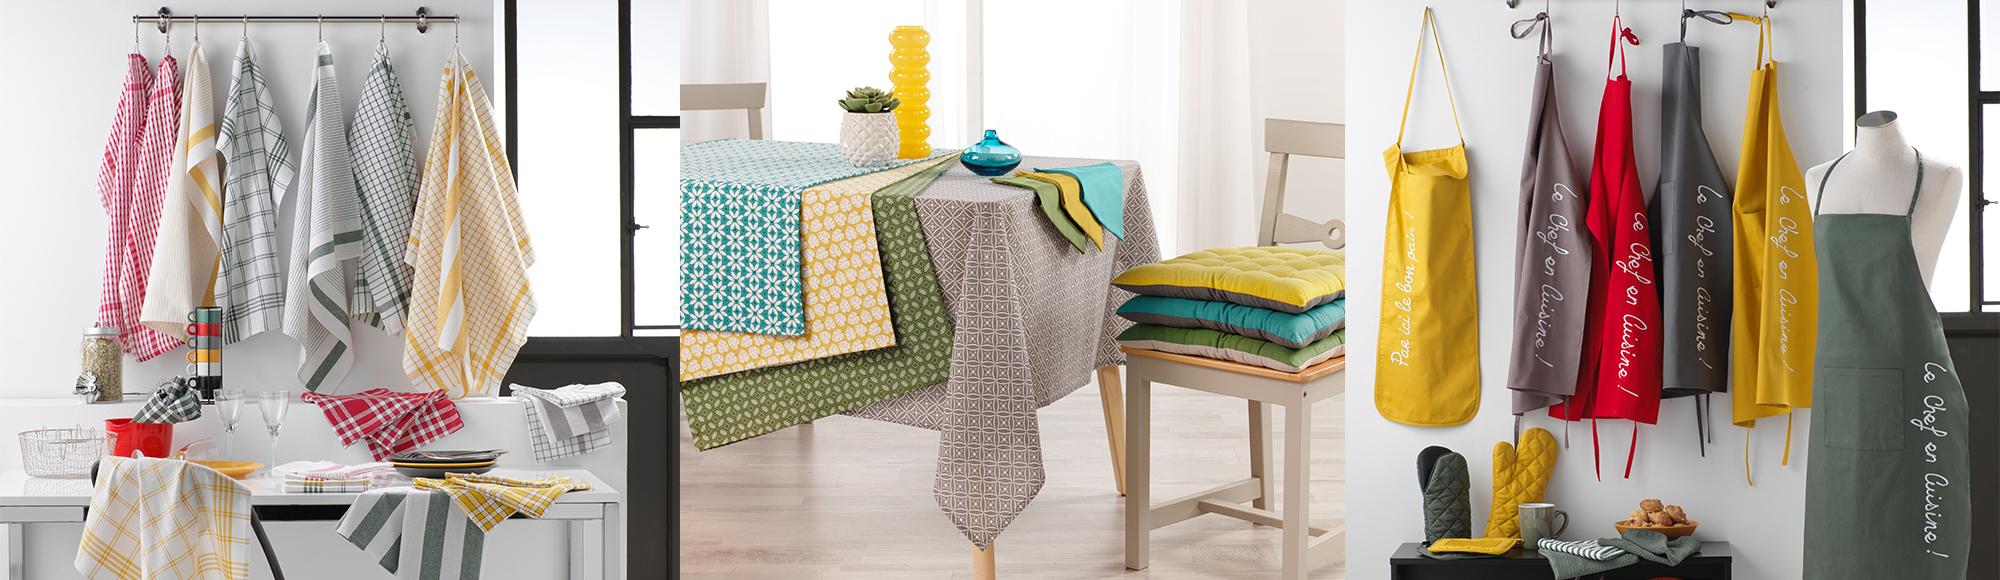 U10 - Fournisseur en decoration d'interieur - marque douceur d'interieur - collection linge de table linge de cuisine